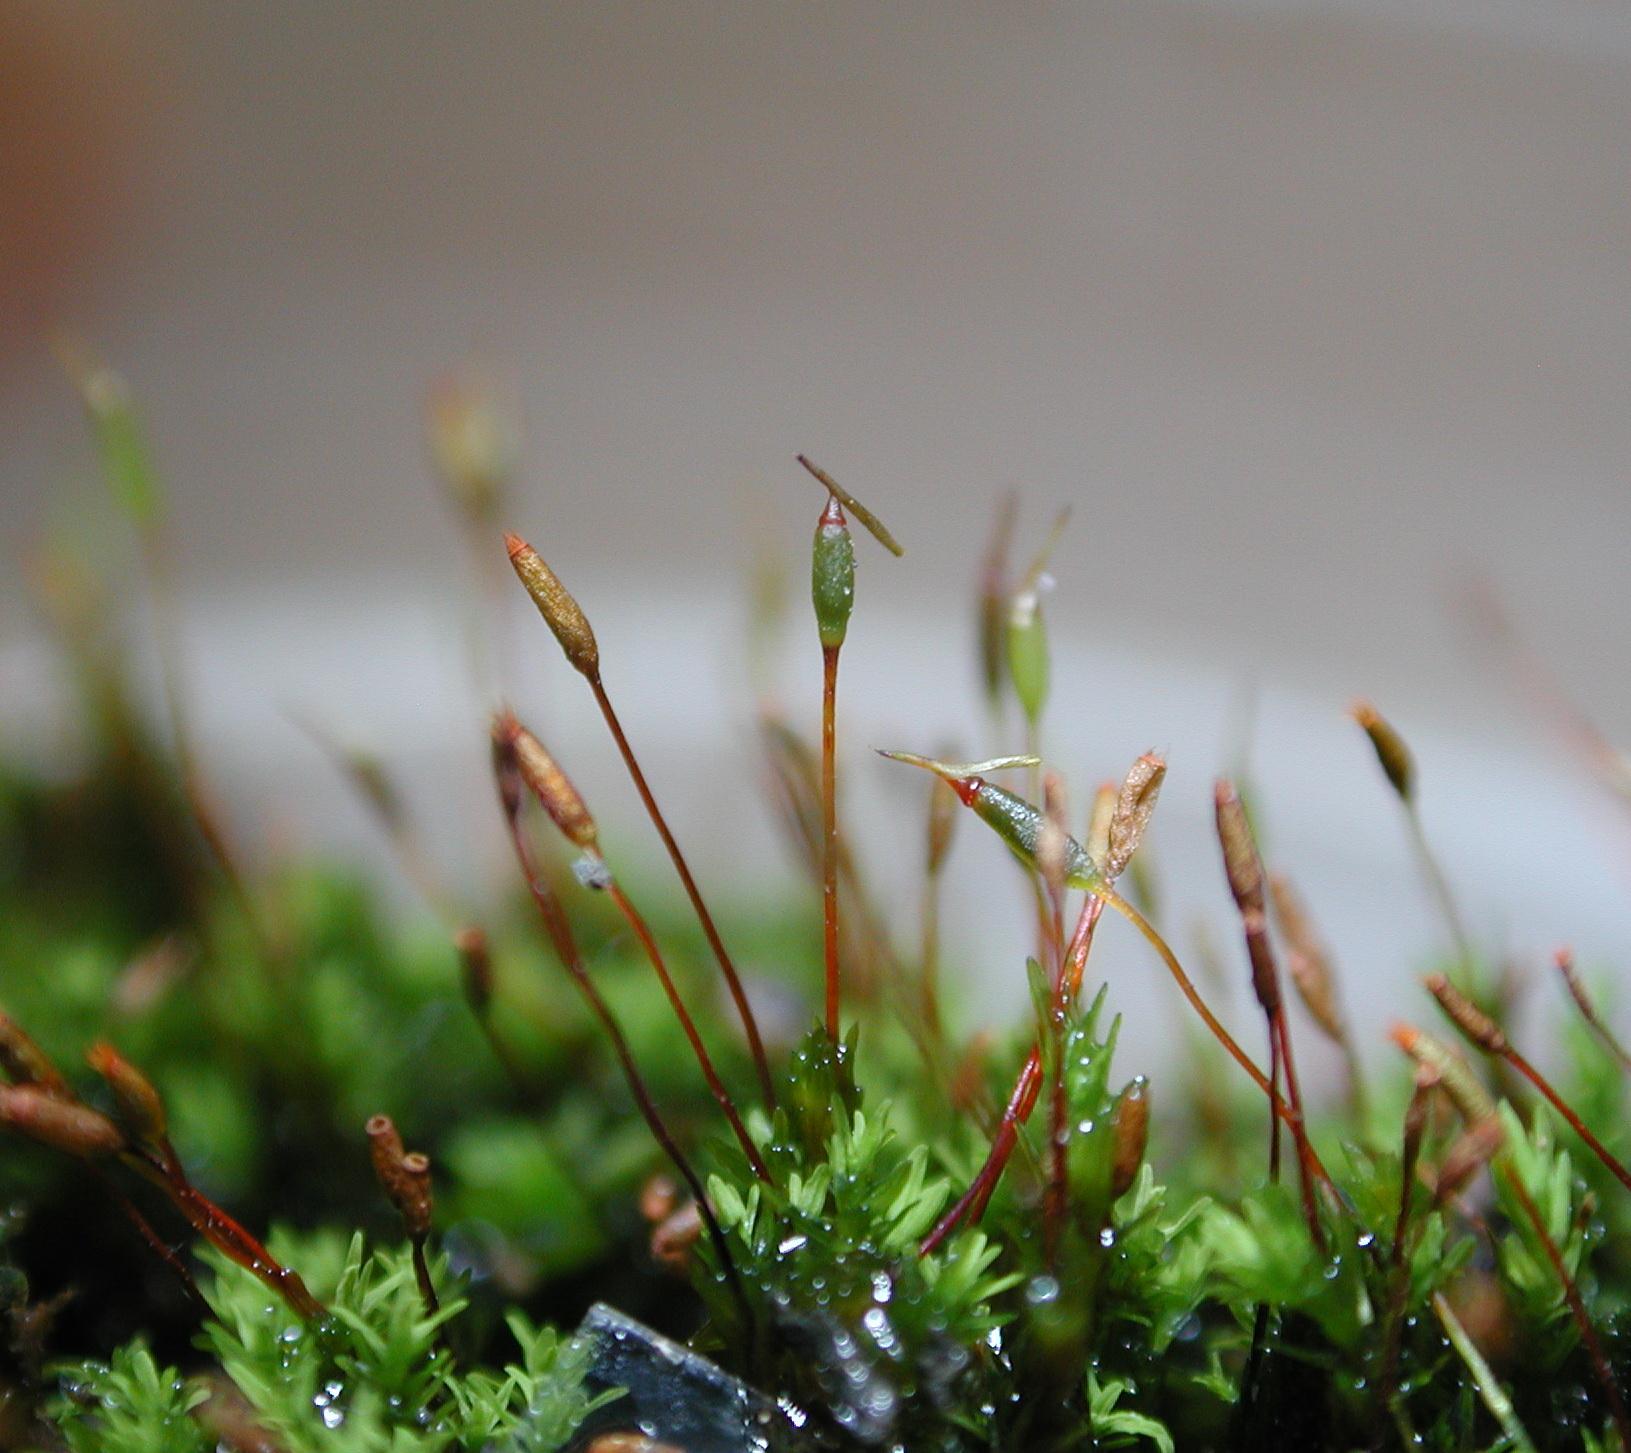 實際位置如上圖的圈圈內的構造 在發育過程中,頸卵器雖會隨孢子體發育而增大 但孢子體之蒴柄伸長時會將頸卵器之外殼頂破 殘留下來的部分附著在孢蒴的頂端,形成所謂的蒴帽(calyptra)。 所以這部分是屬於配子體的構造